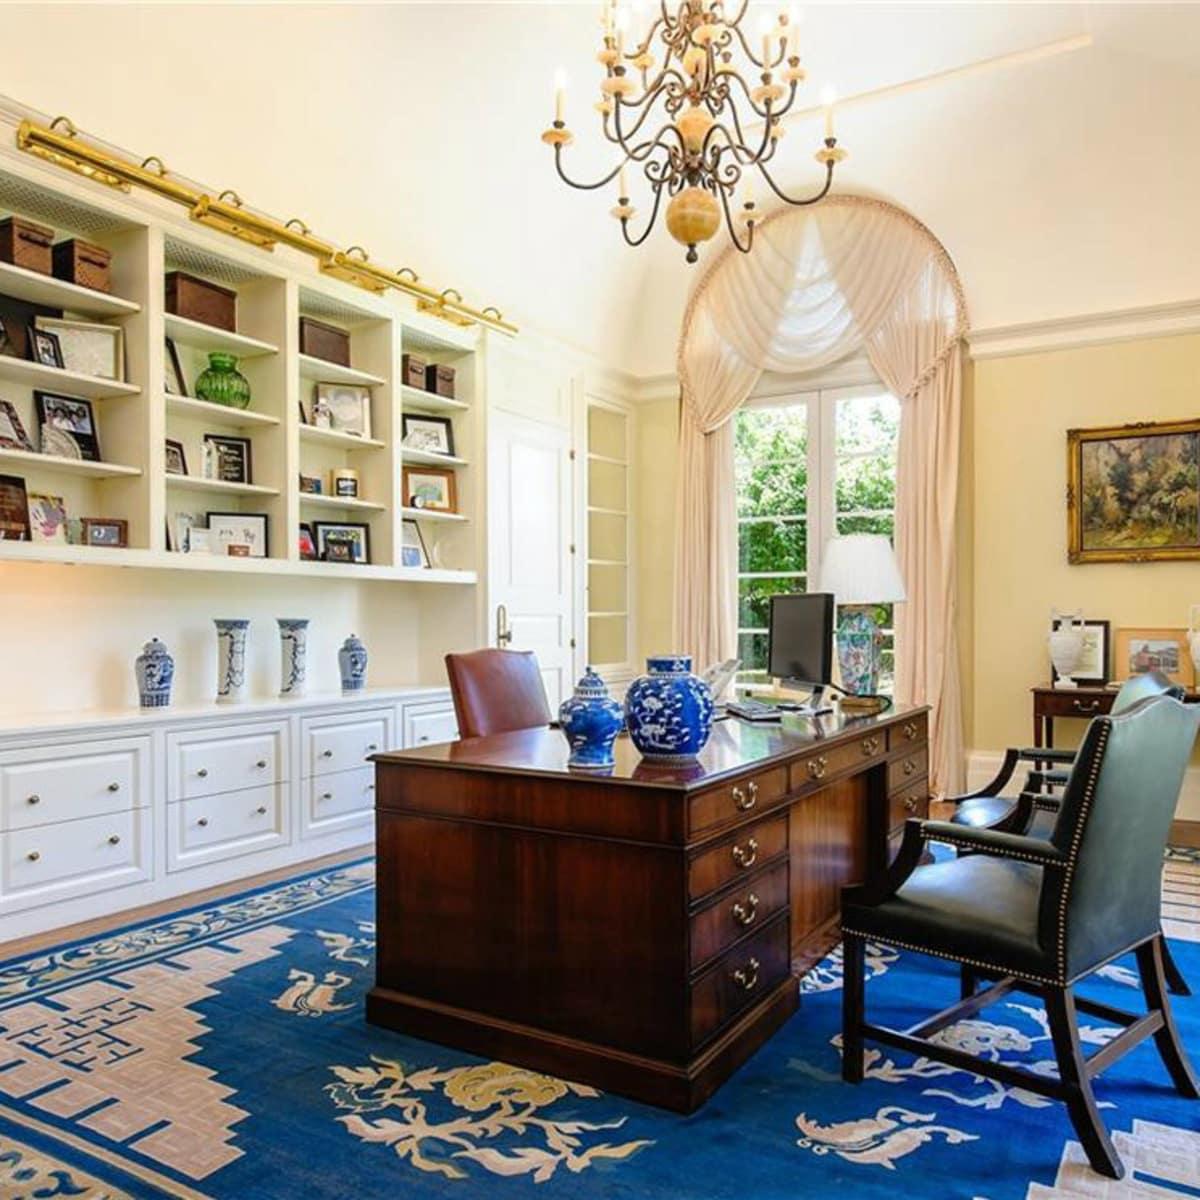 5950 Deloache Ave. for sale in Dallas study